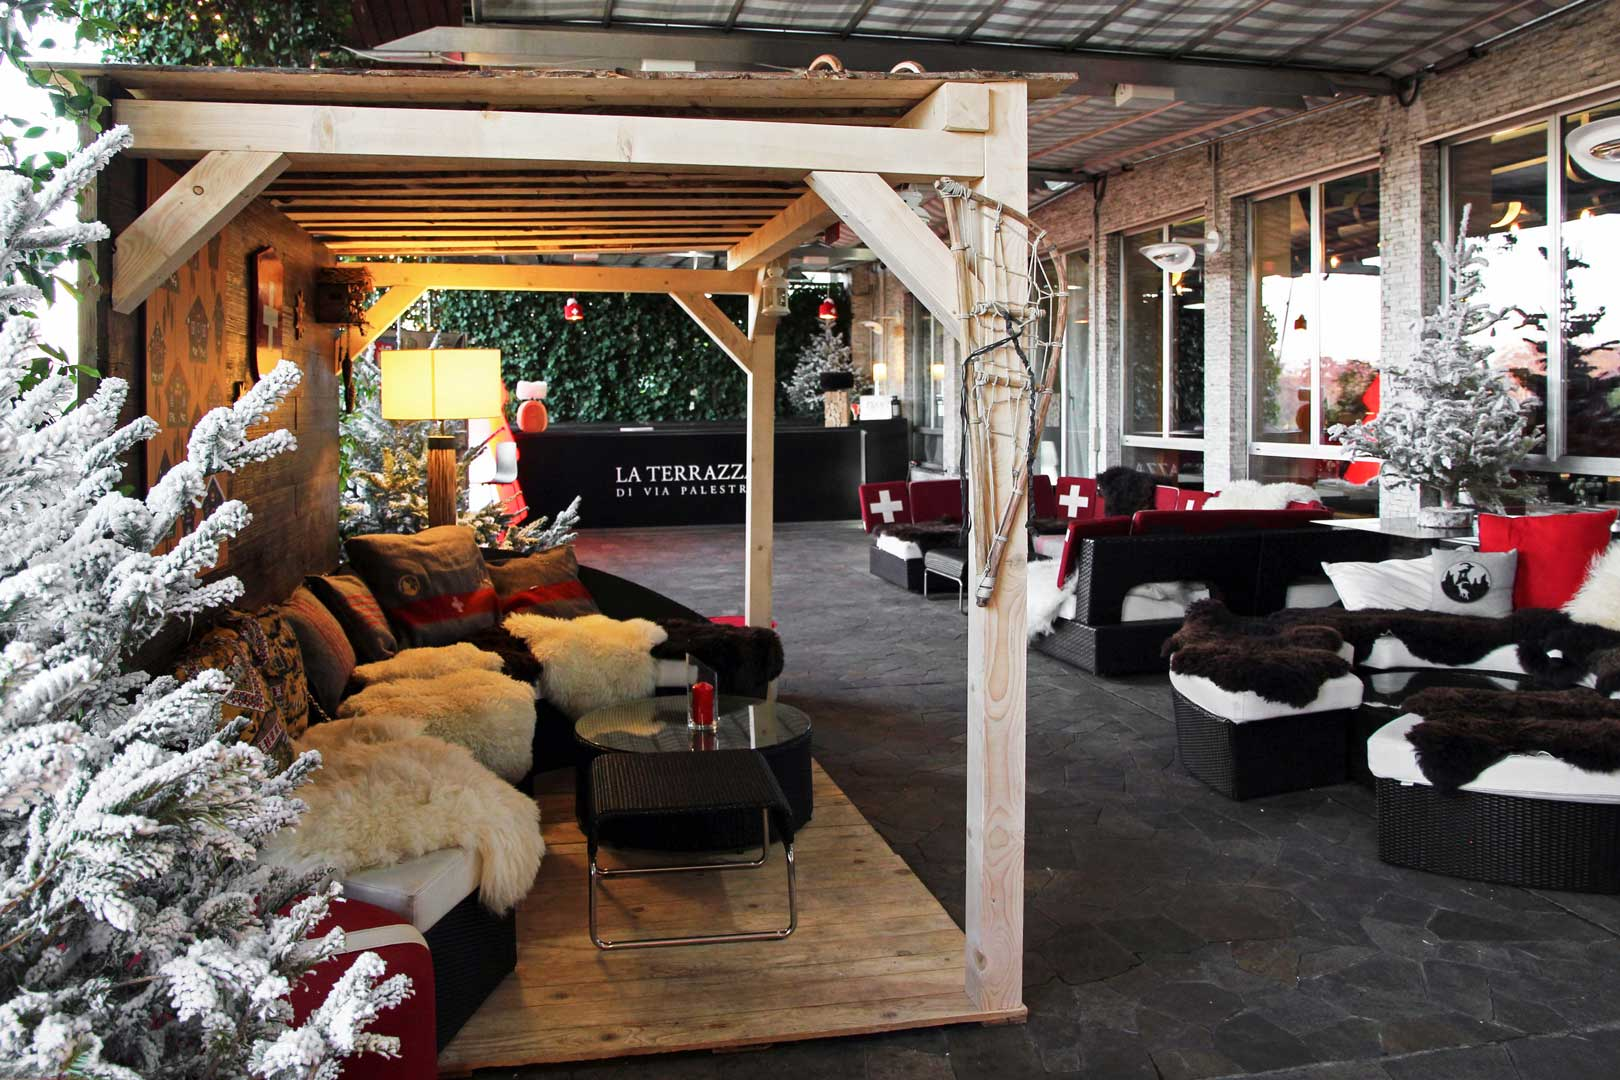 Swiss Winter Lounge – La Terrazza di via Palestro